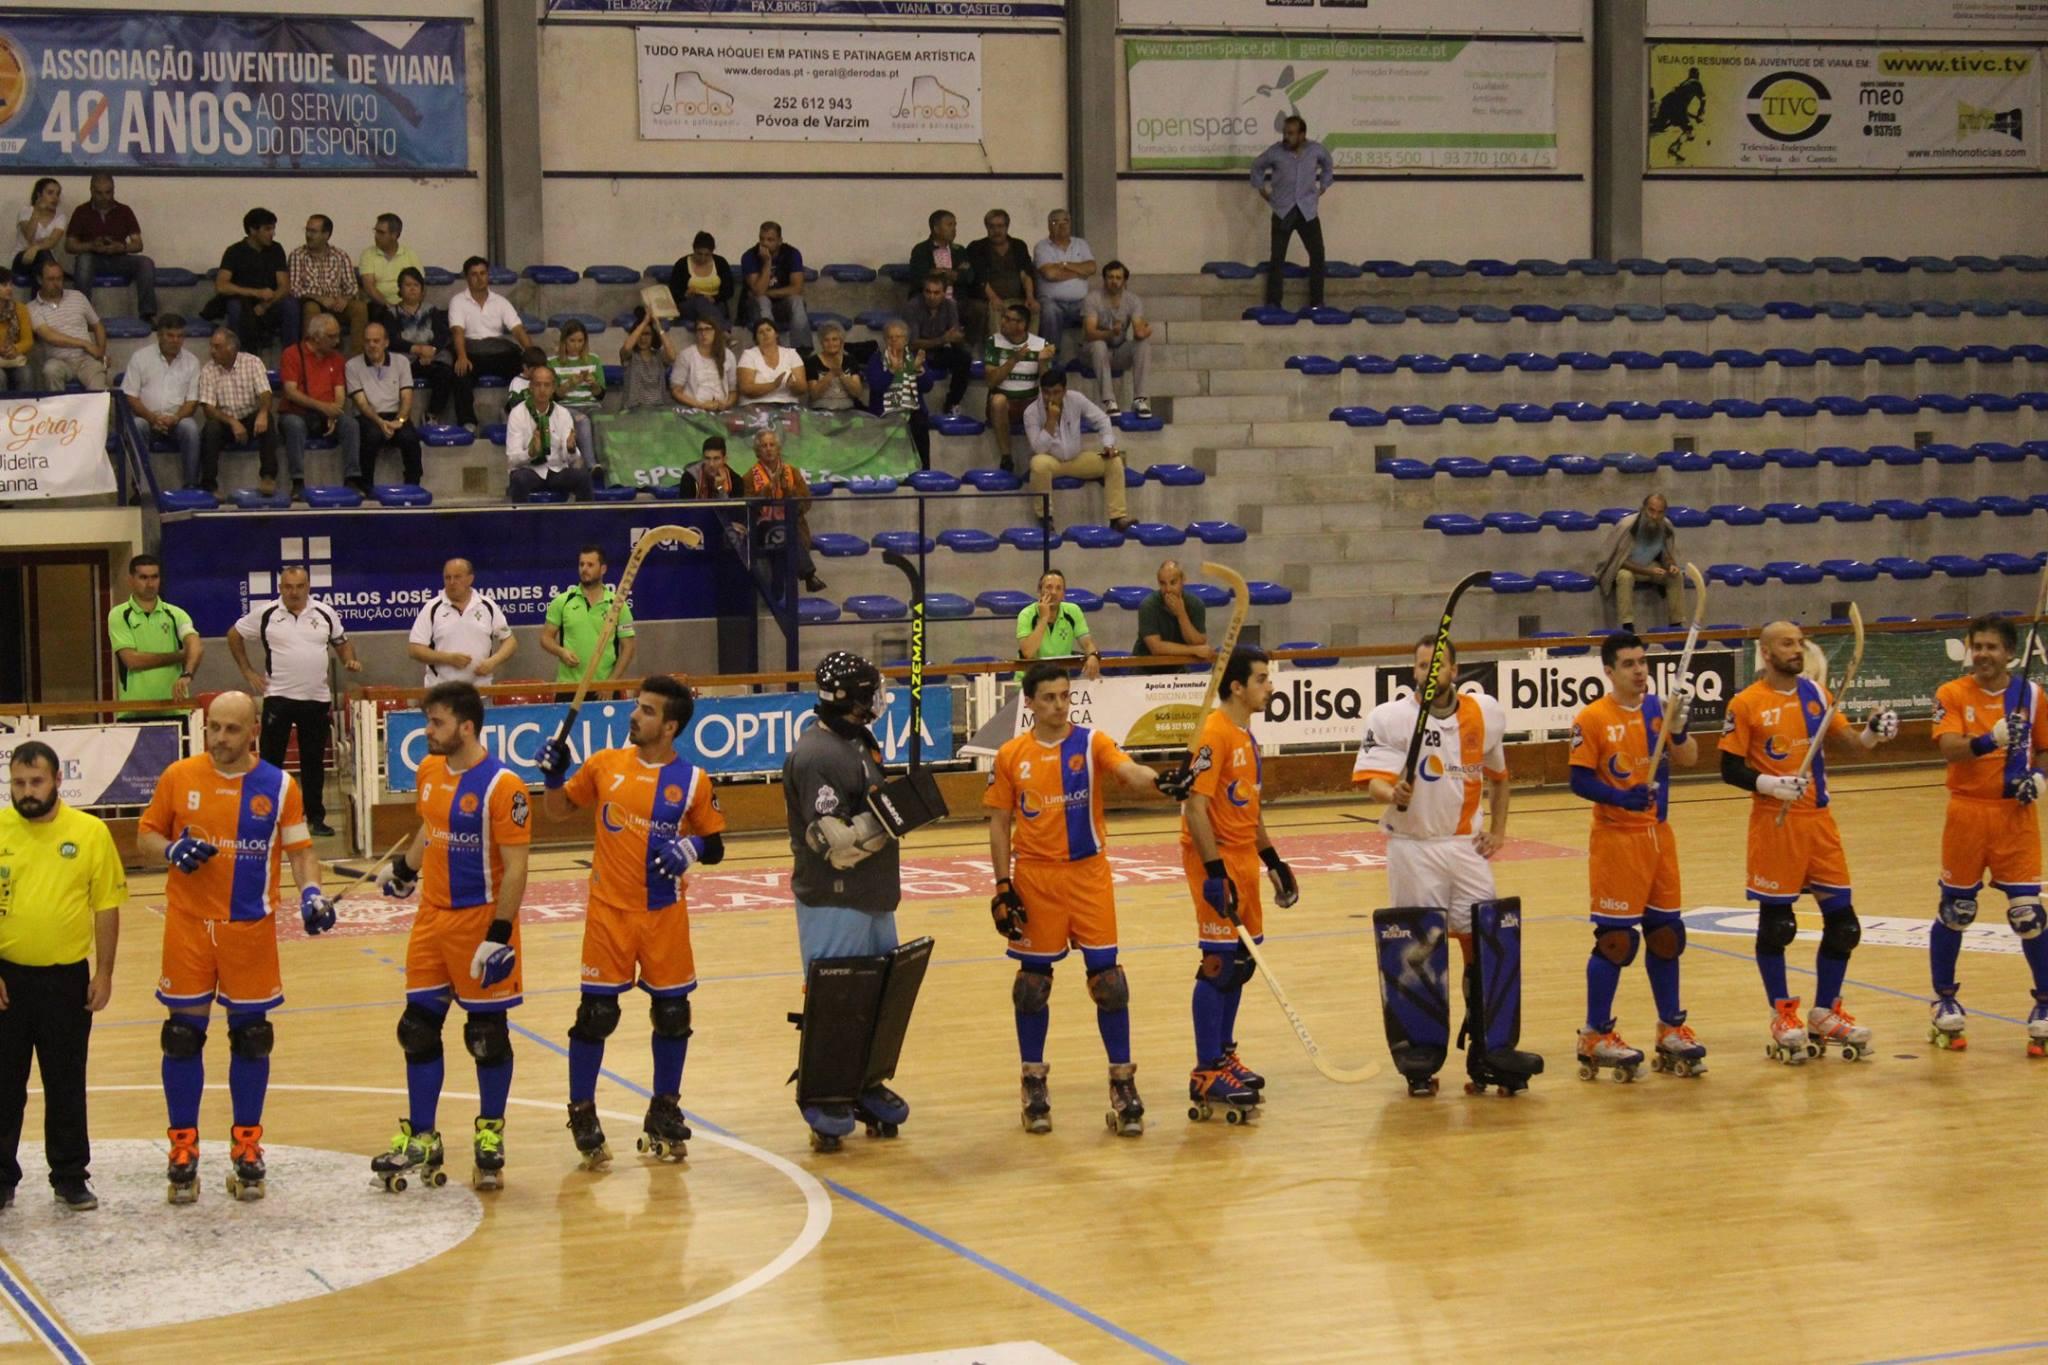 Juventude de Viana vence Grândola por 8-2